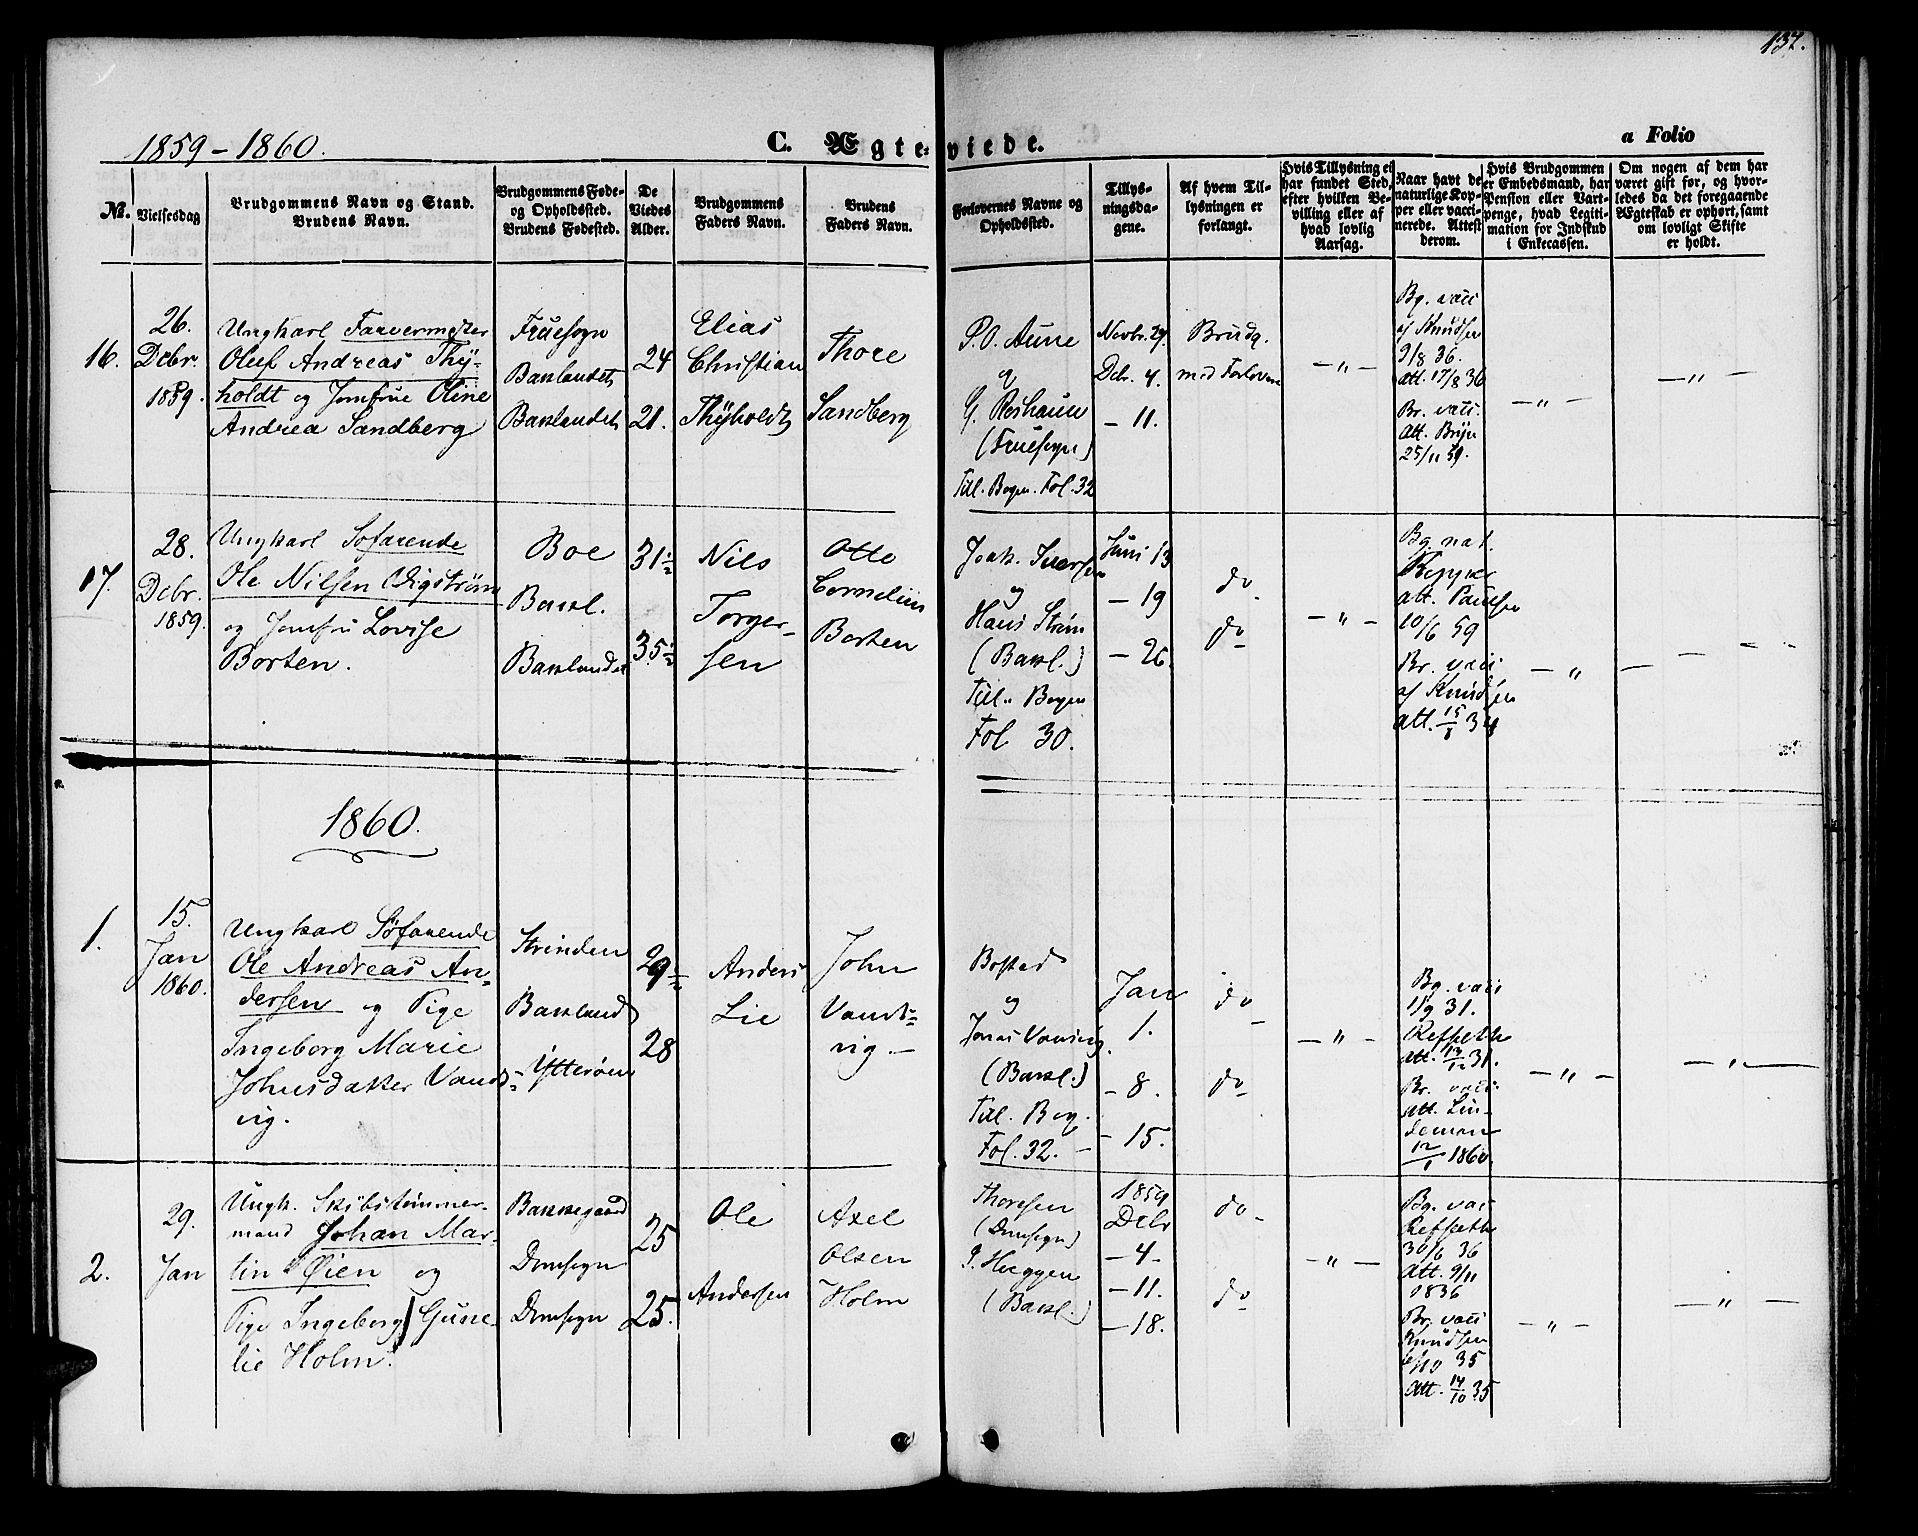 SAT, Ministerialprotokoller, klokkerbøker og fødselsregistre - Sør-Trøndelag, 604/L0184: Ministerialbok nr. 604A05, 1851-1860, s. 137